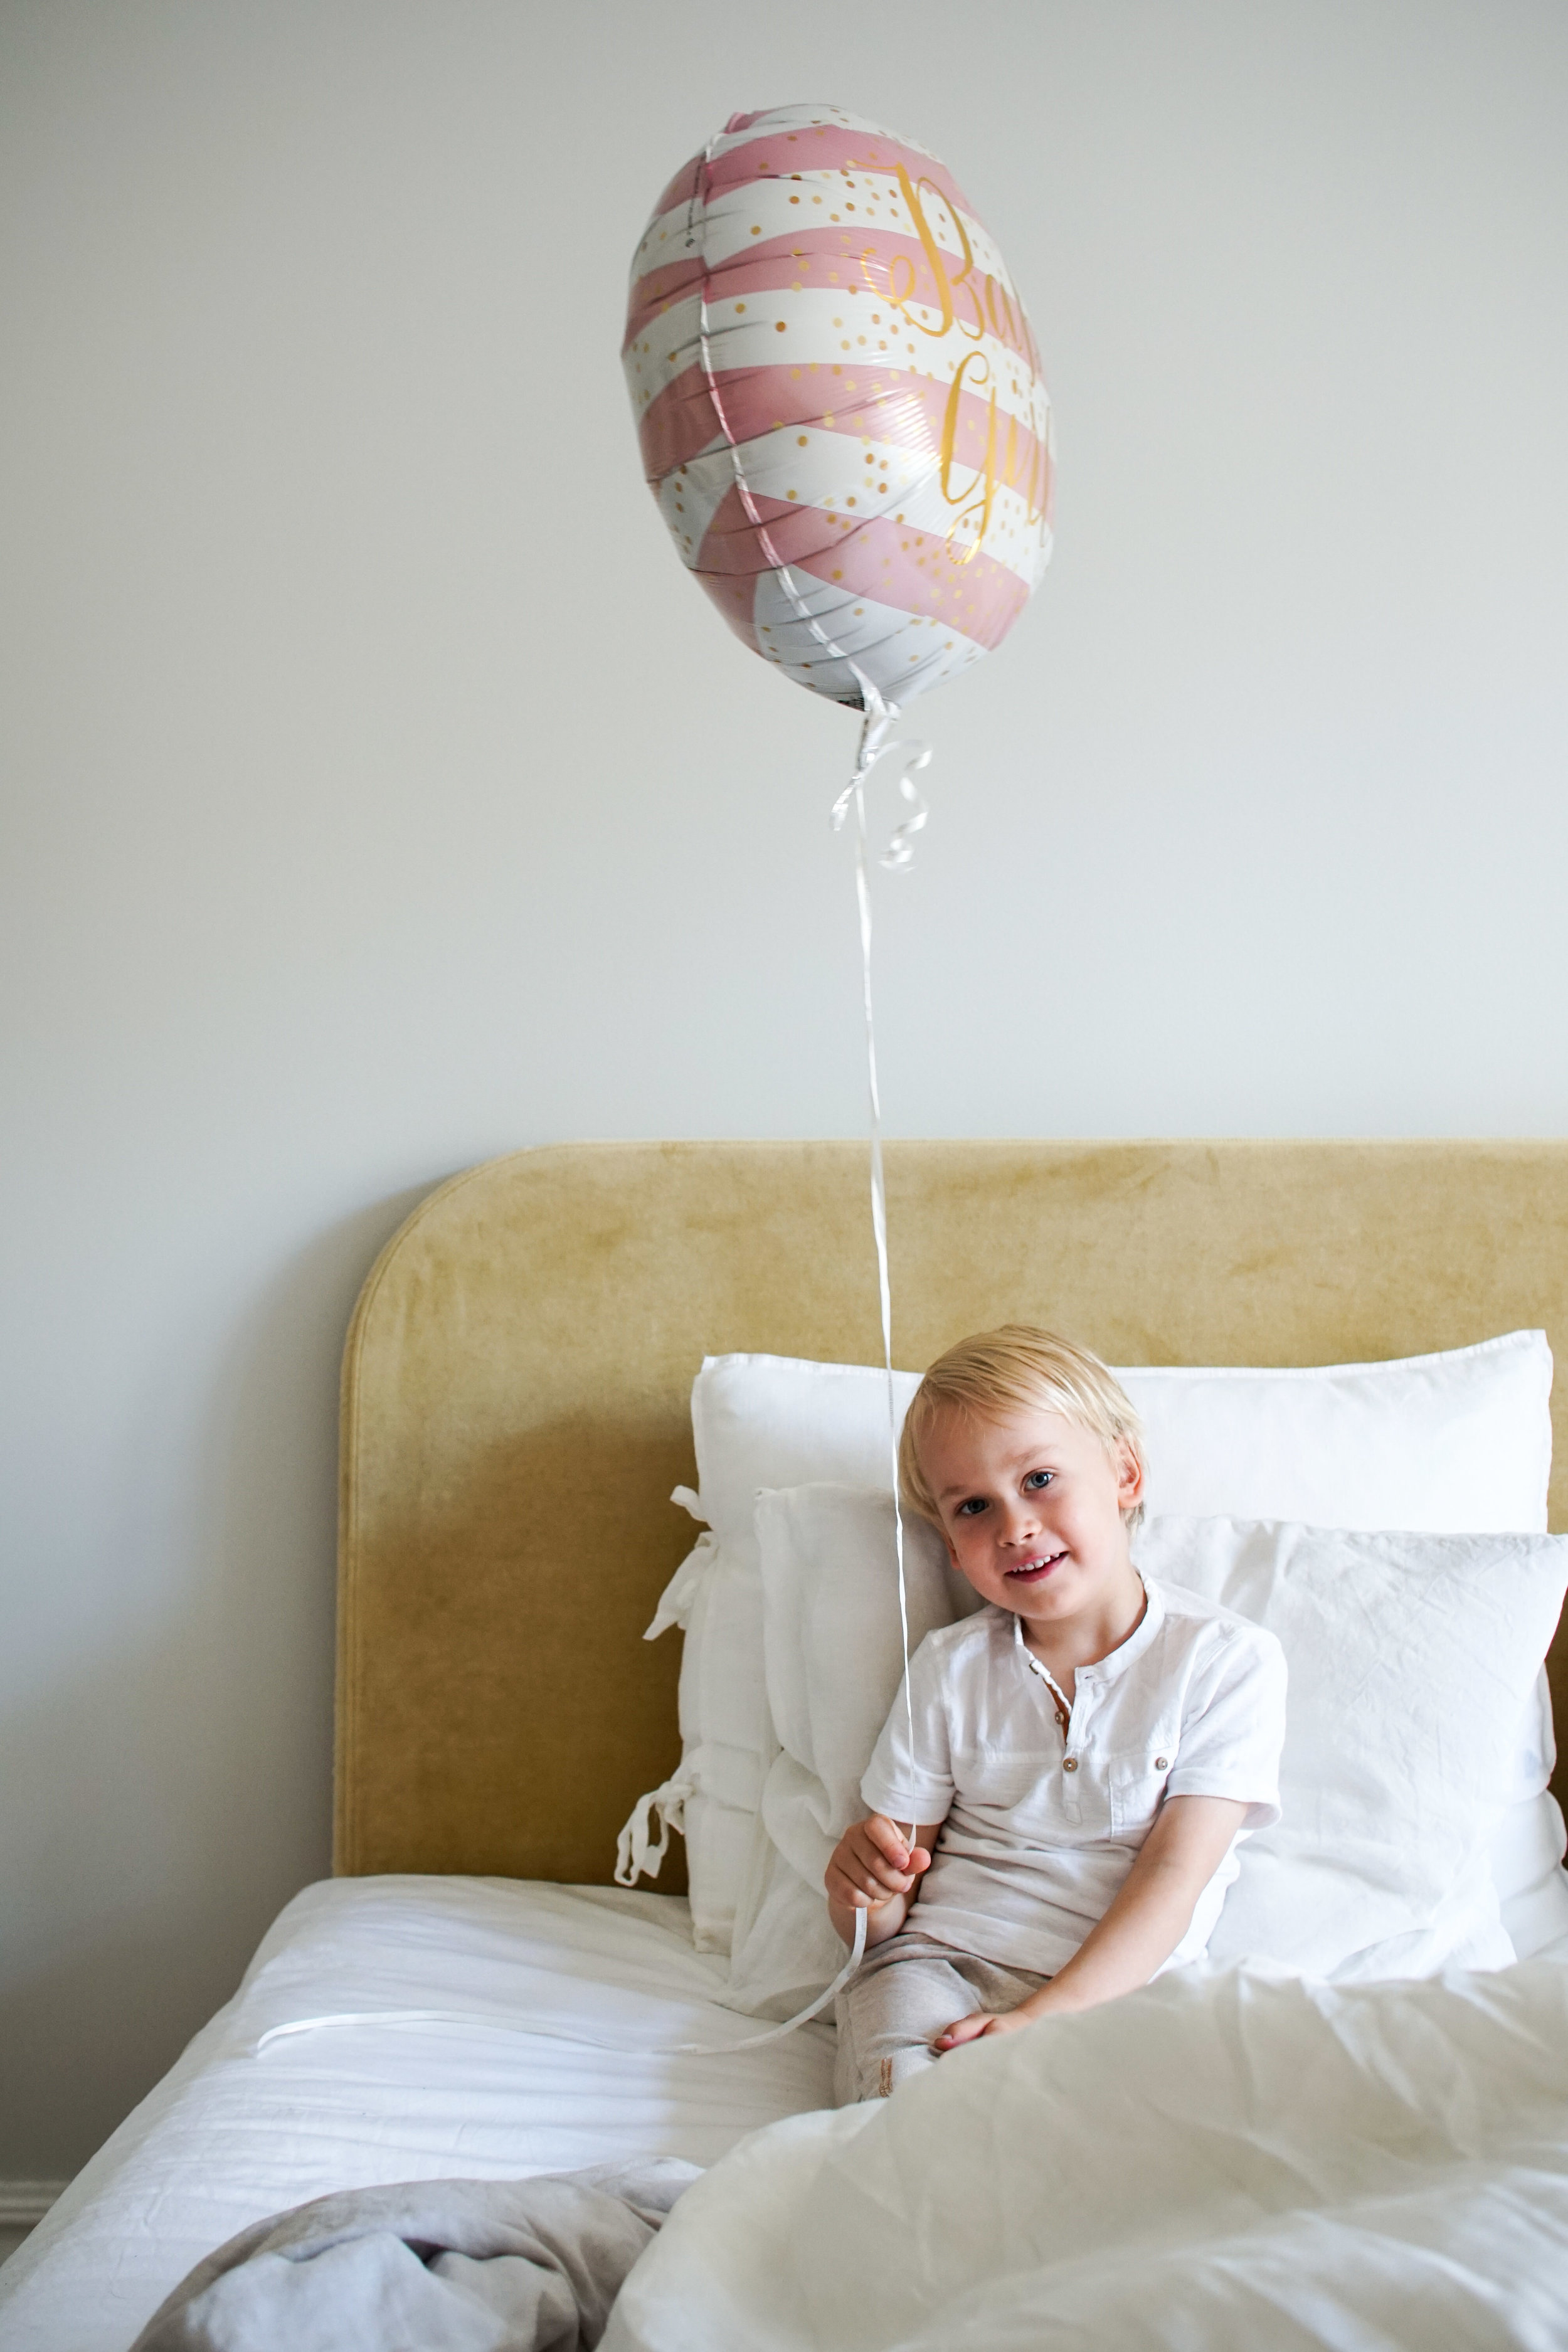 W on todella empaattinen lapsi, joten hänestä tulee varmasti maailman paras huolehtivainen isoveli <3